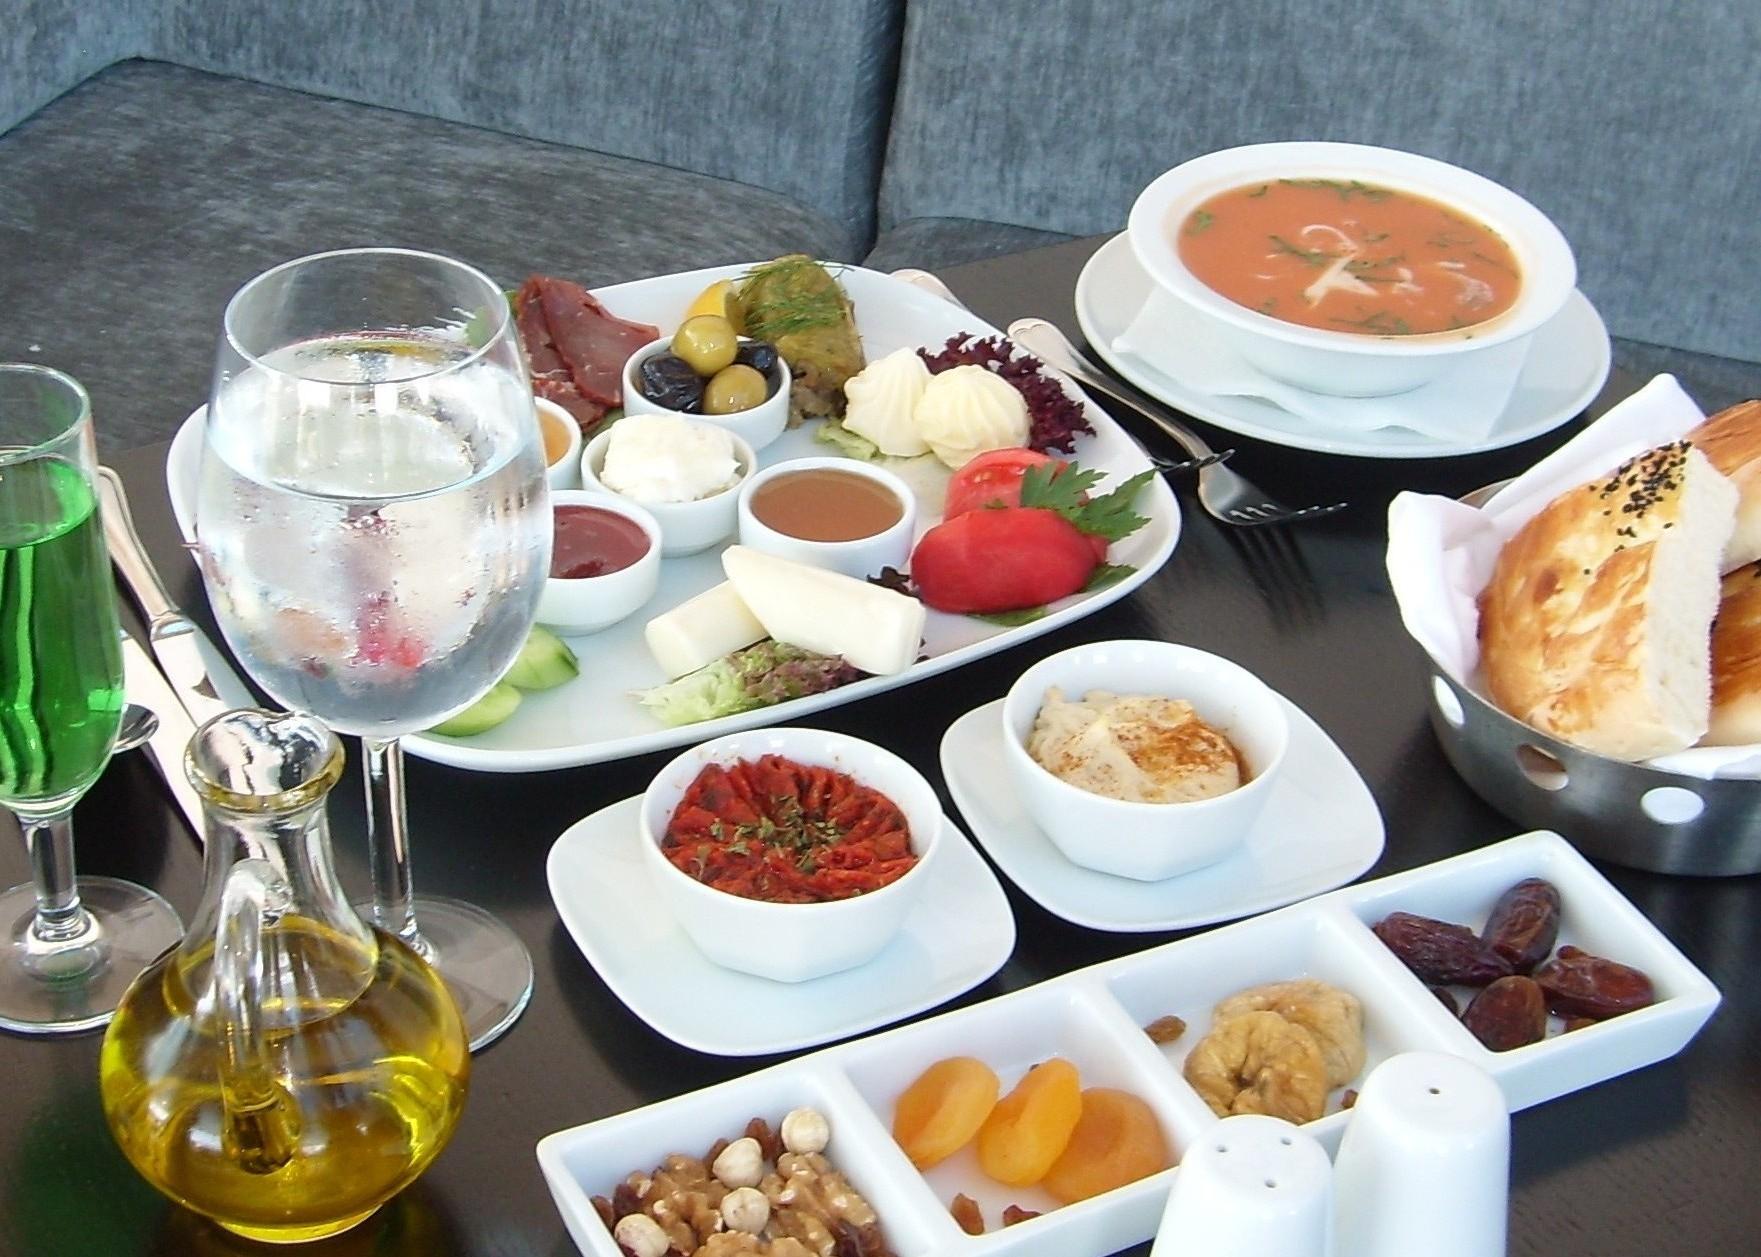 Ramazanda Sağlıklı Beslenme